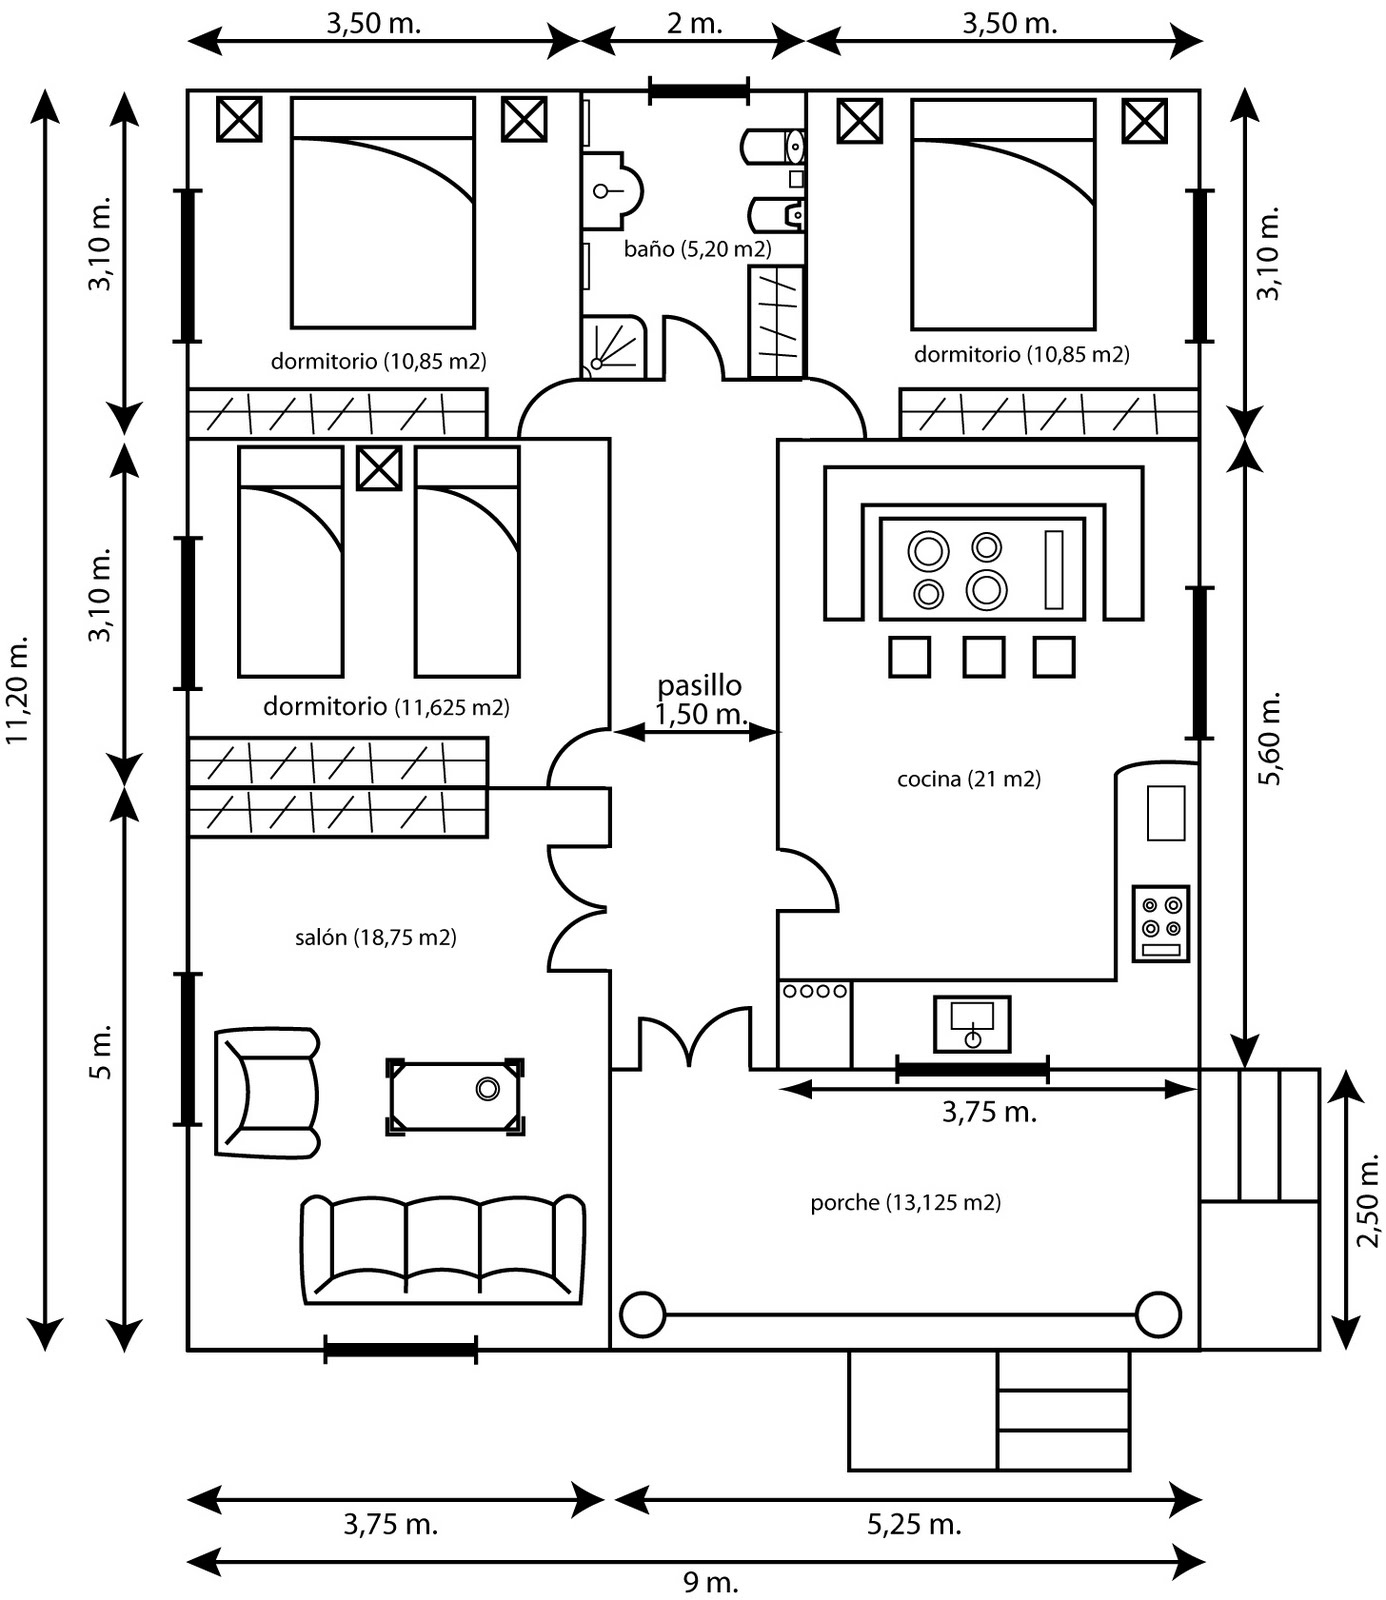 Como hacer planos para construir una casa diseno de for Como crear un plano de una casa